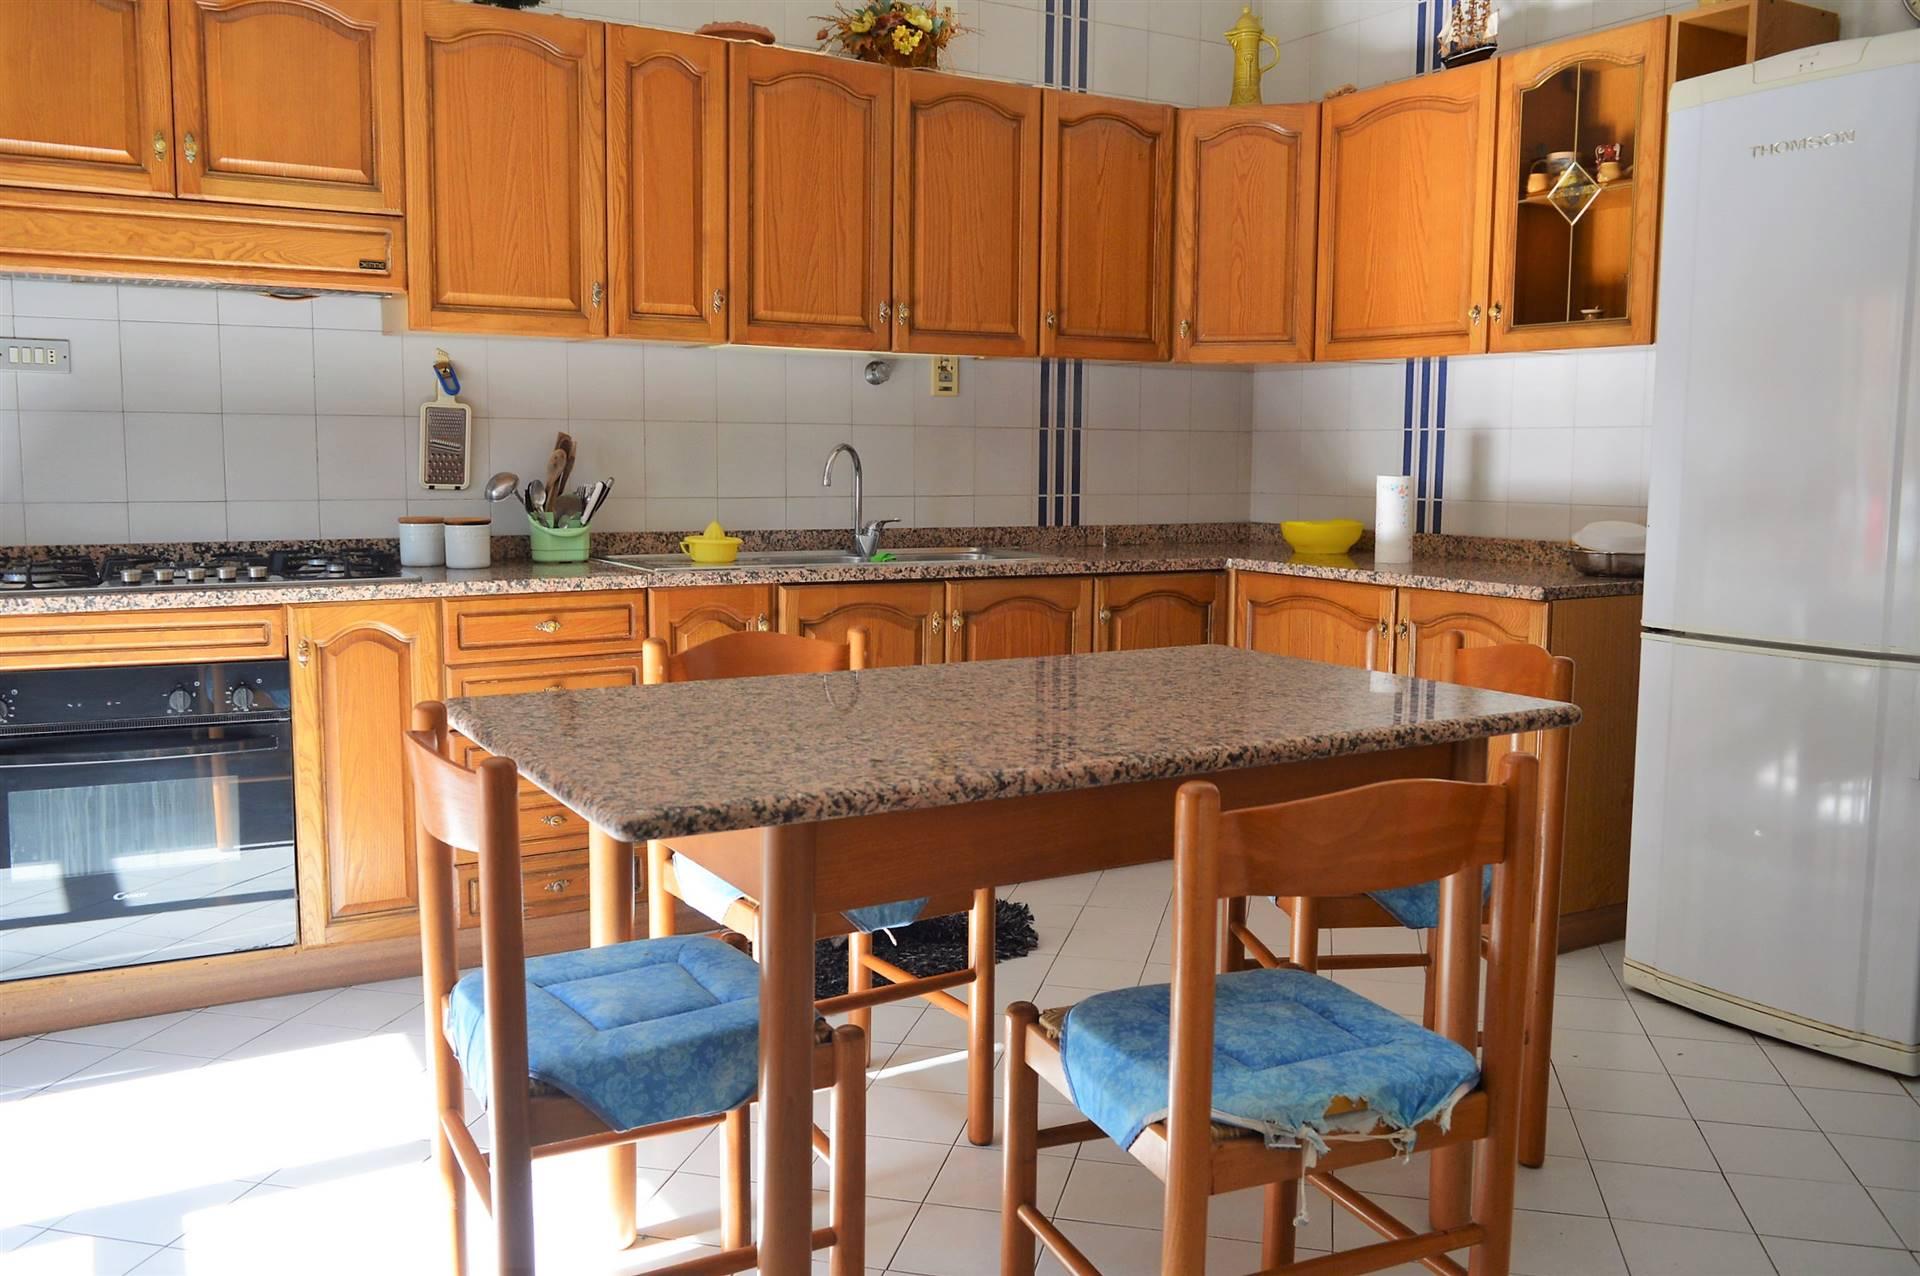 AV952C-Appartamento-SANTA-MARIA-CAPUA-VETERE-Via-Palmiro-Togliatti